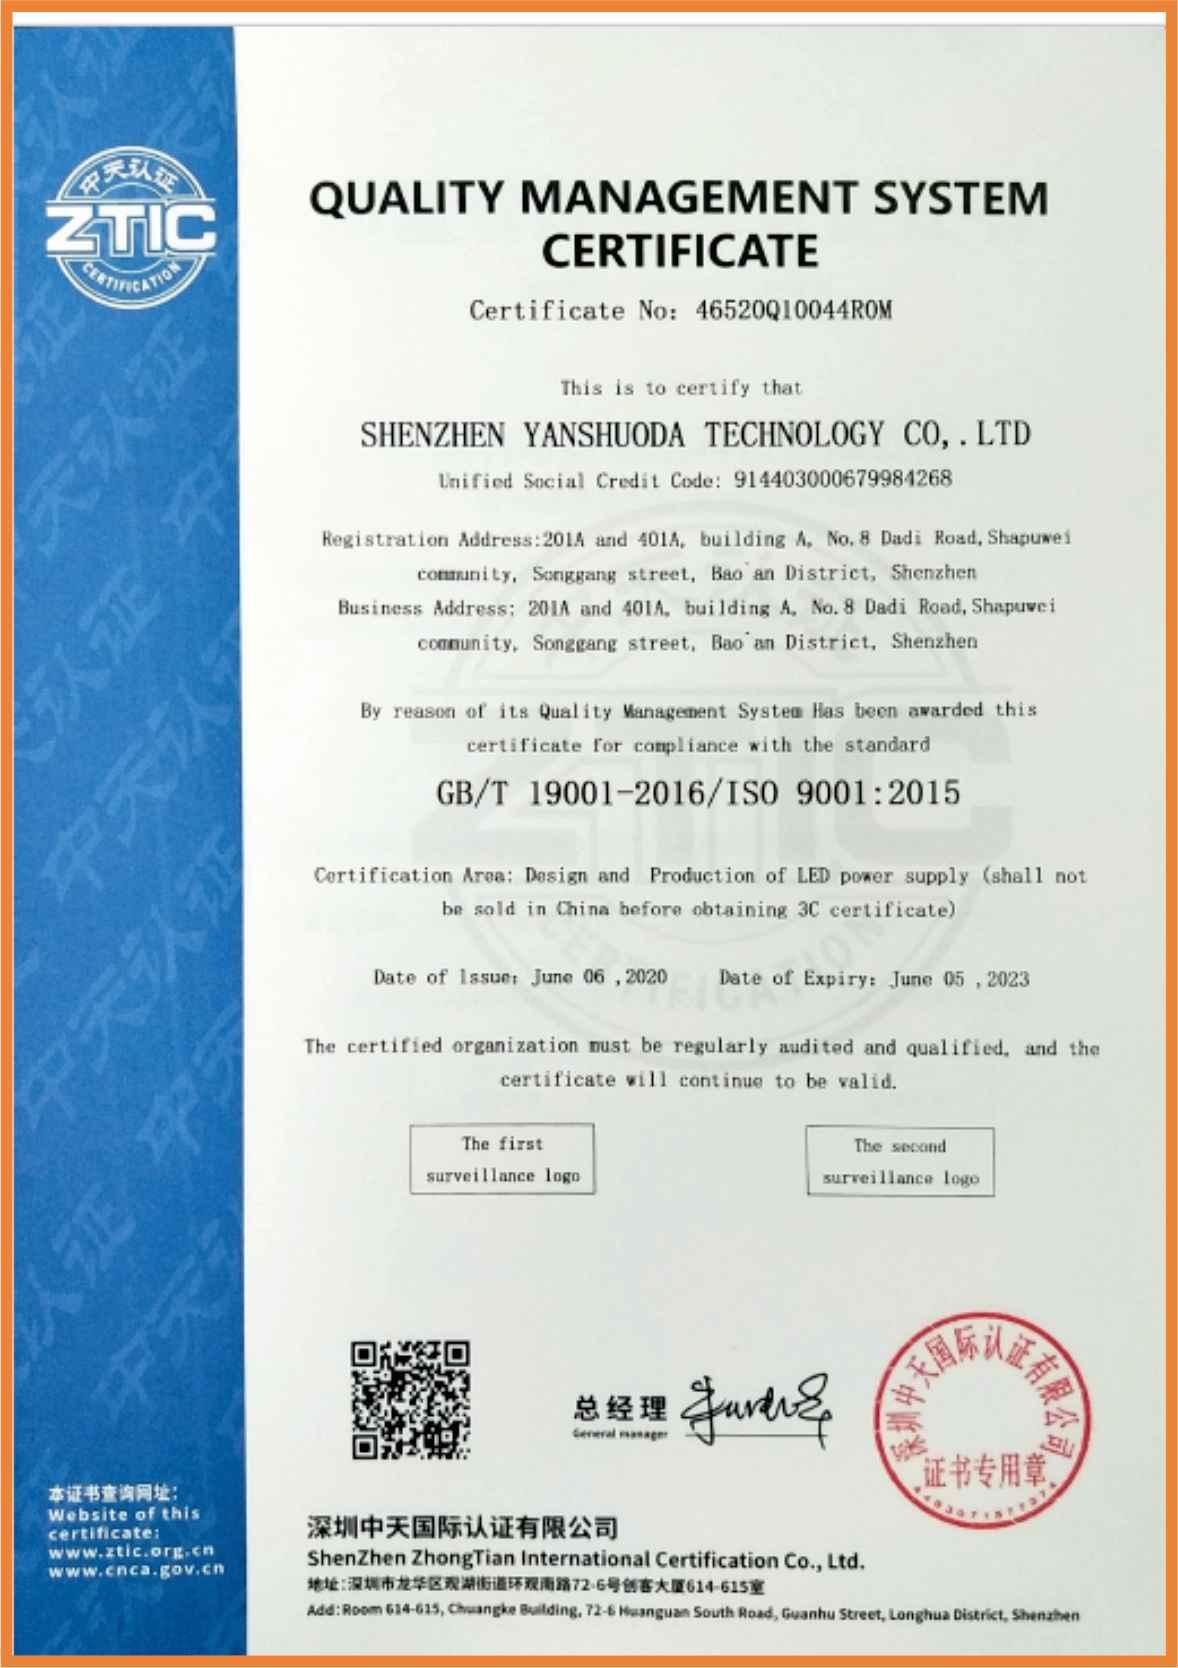 IOS 9001